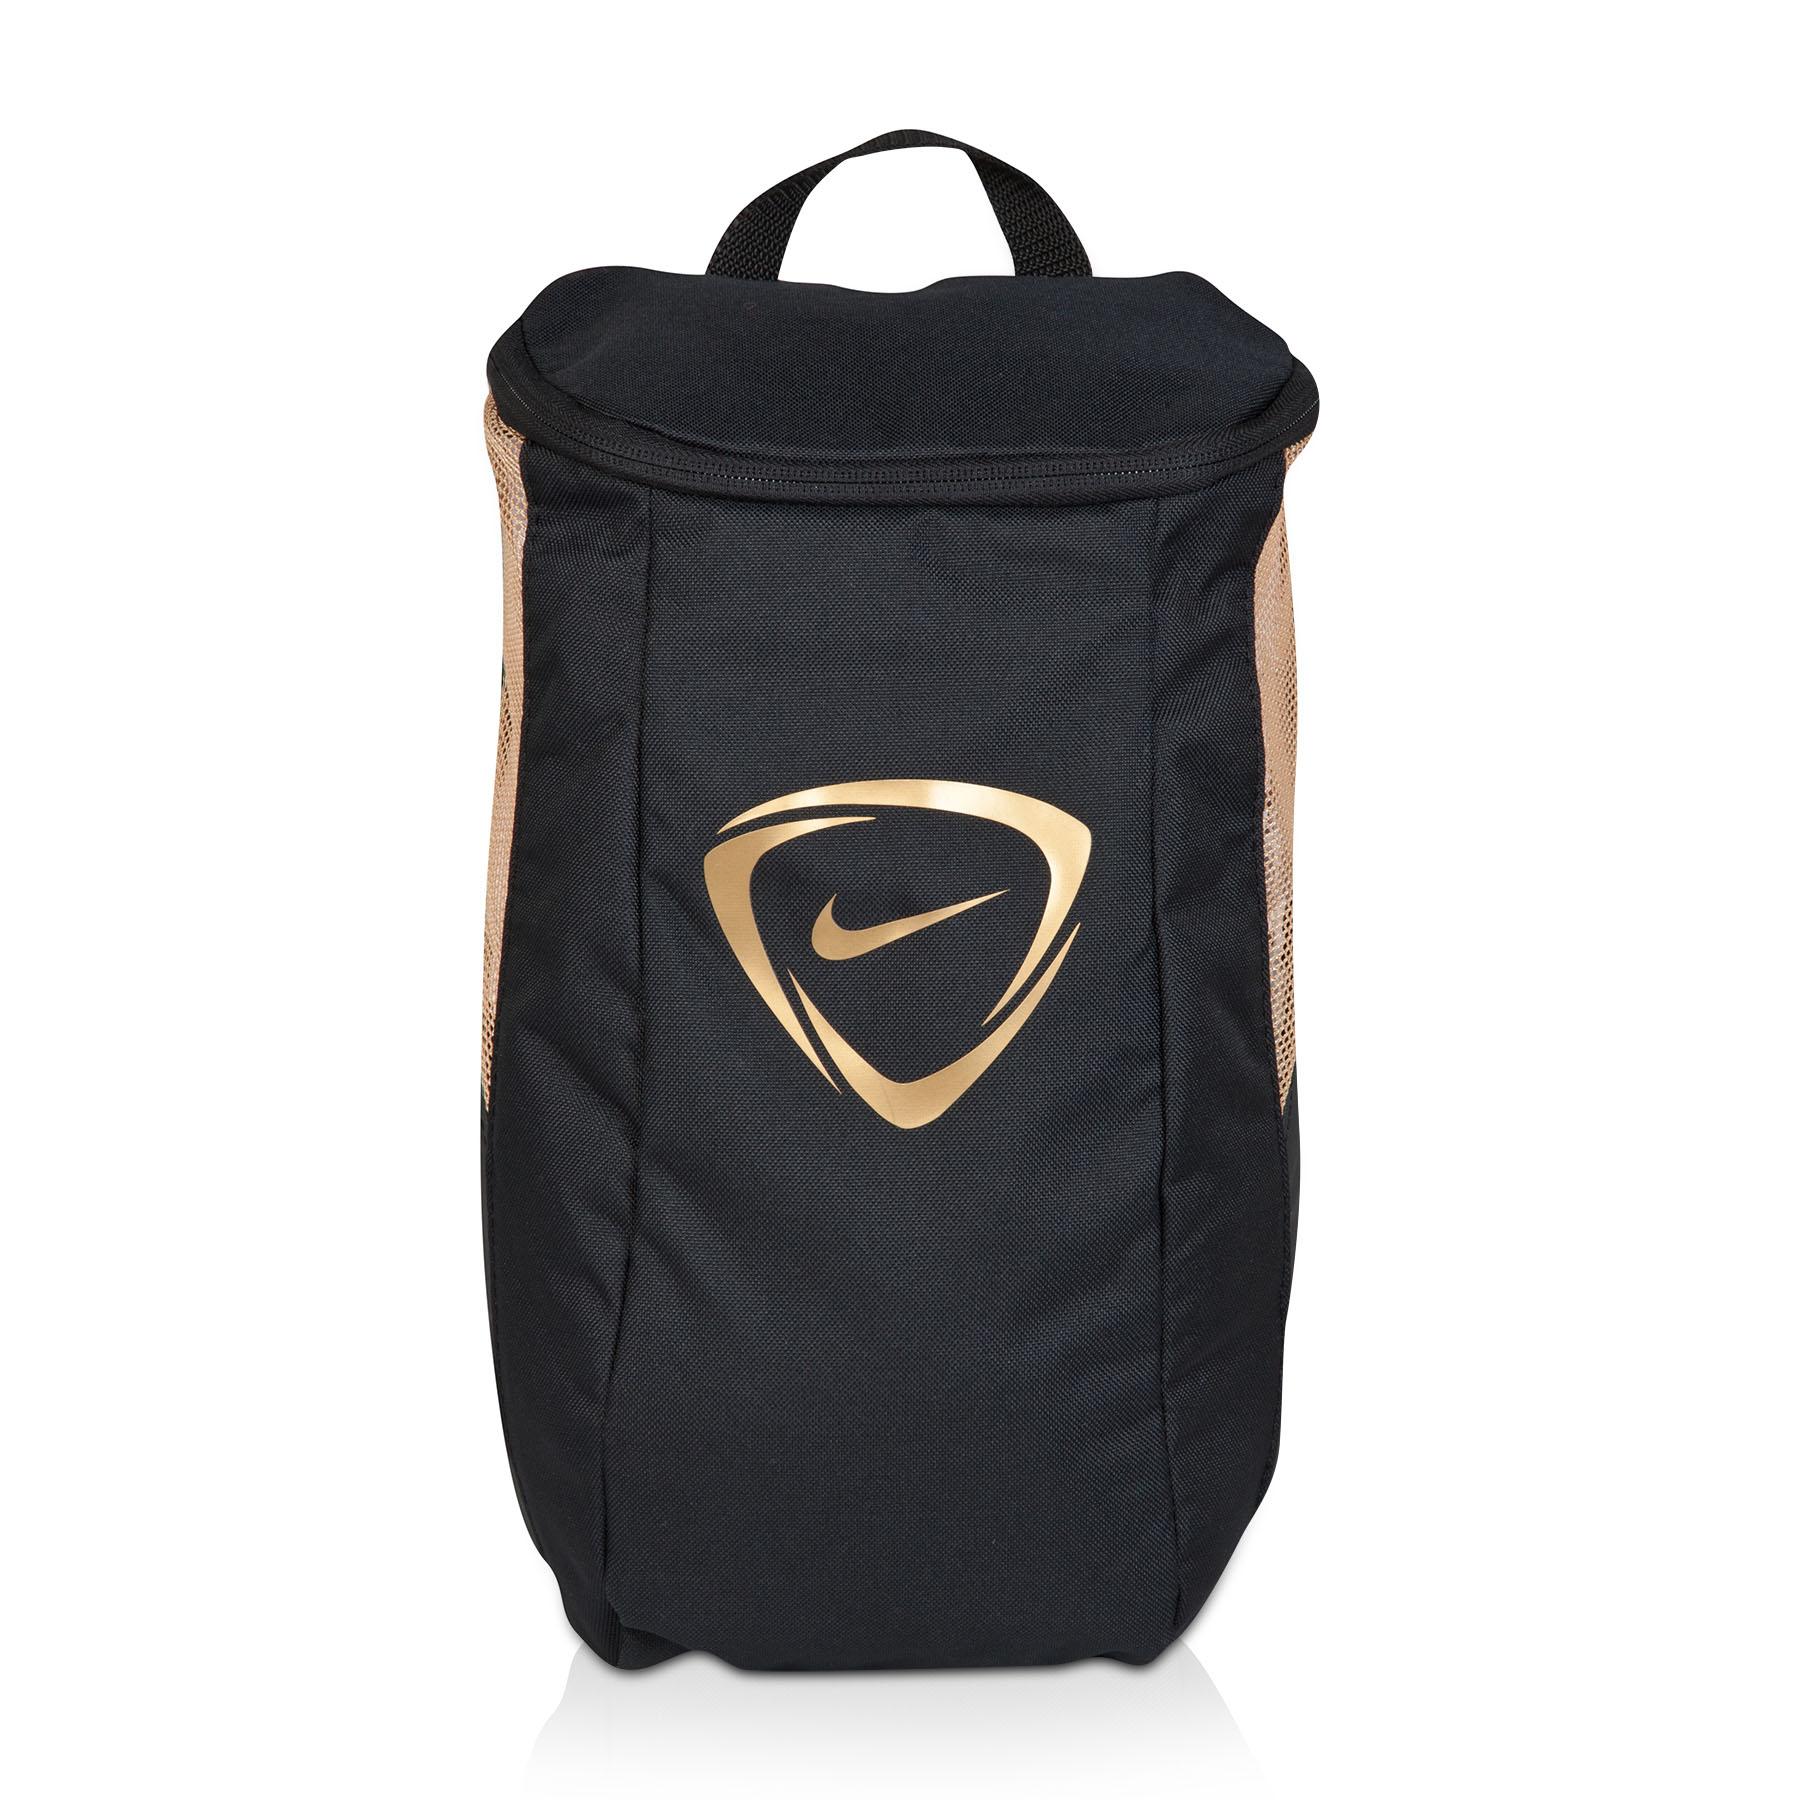 Nike Football Shoe Bag 2.0 Black